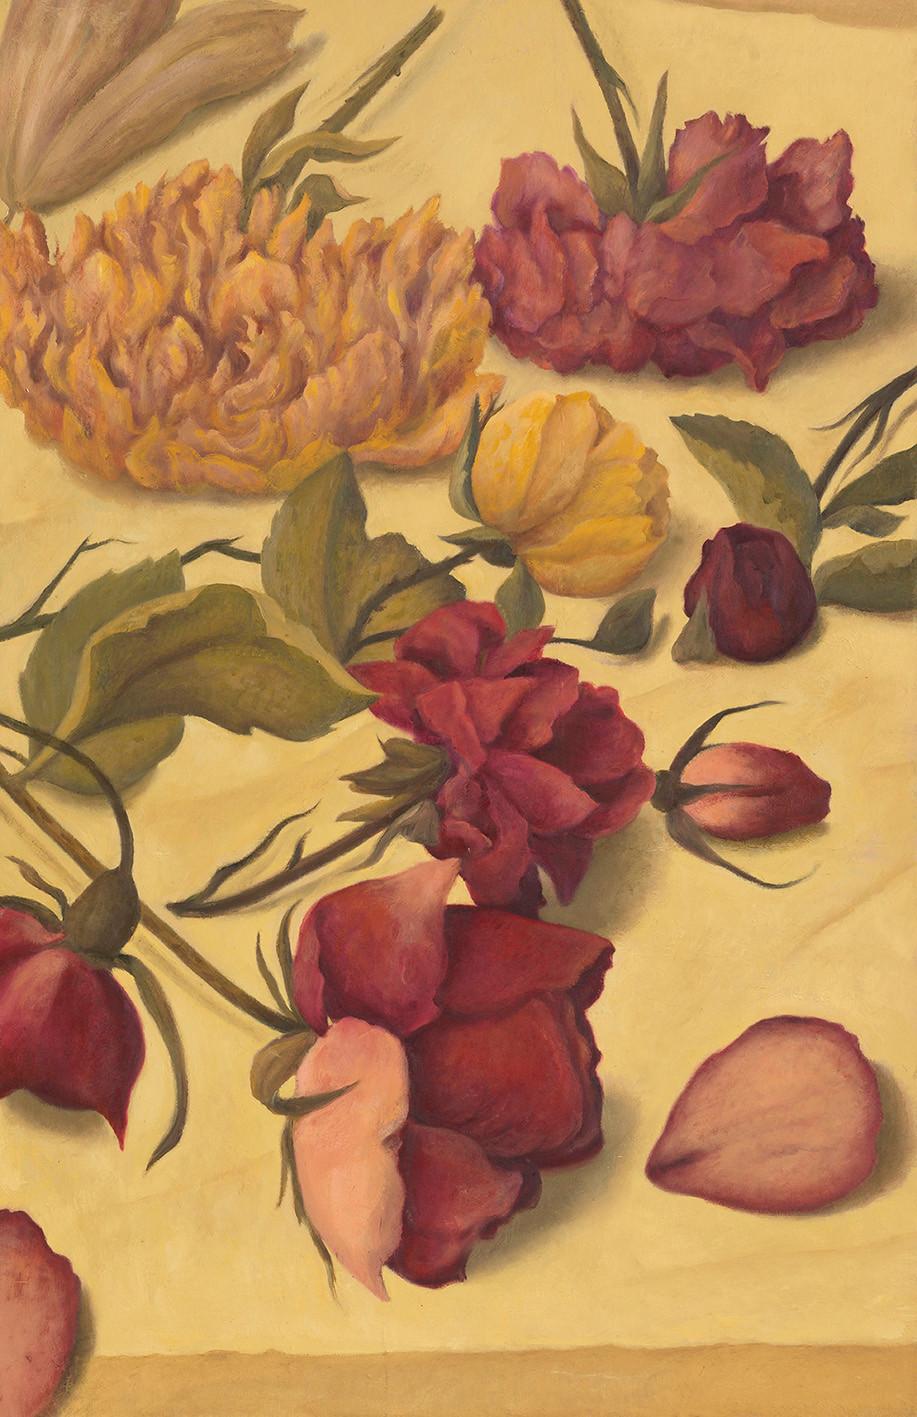 Senza titolo, 2020, olio su carta su tavola, cm 117 x 75